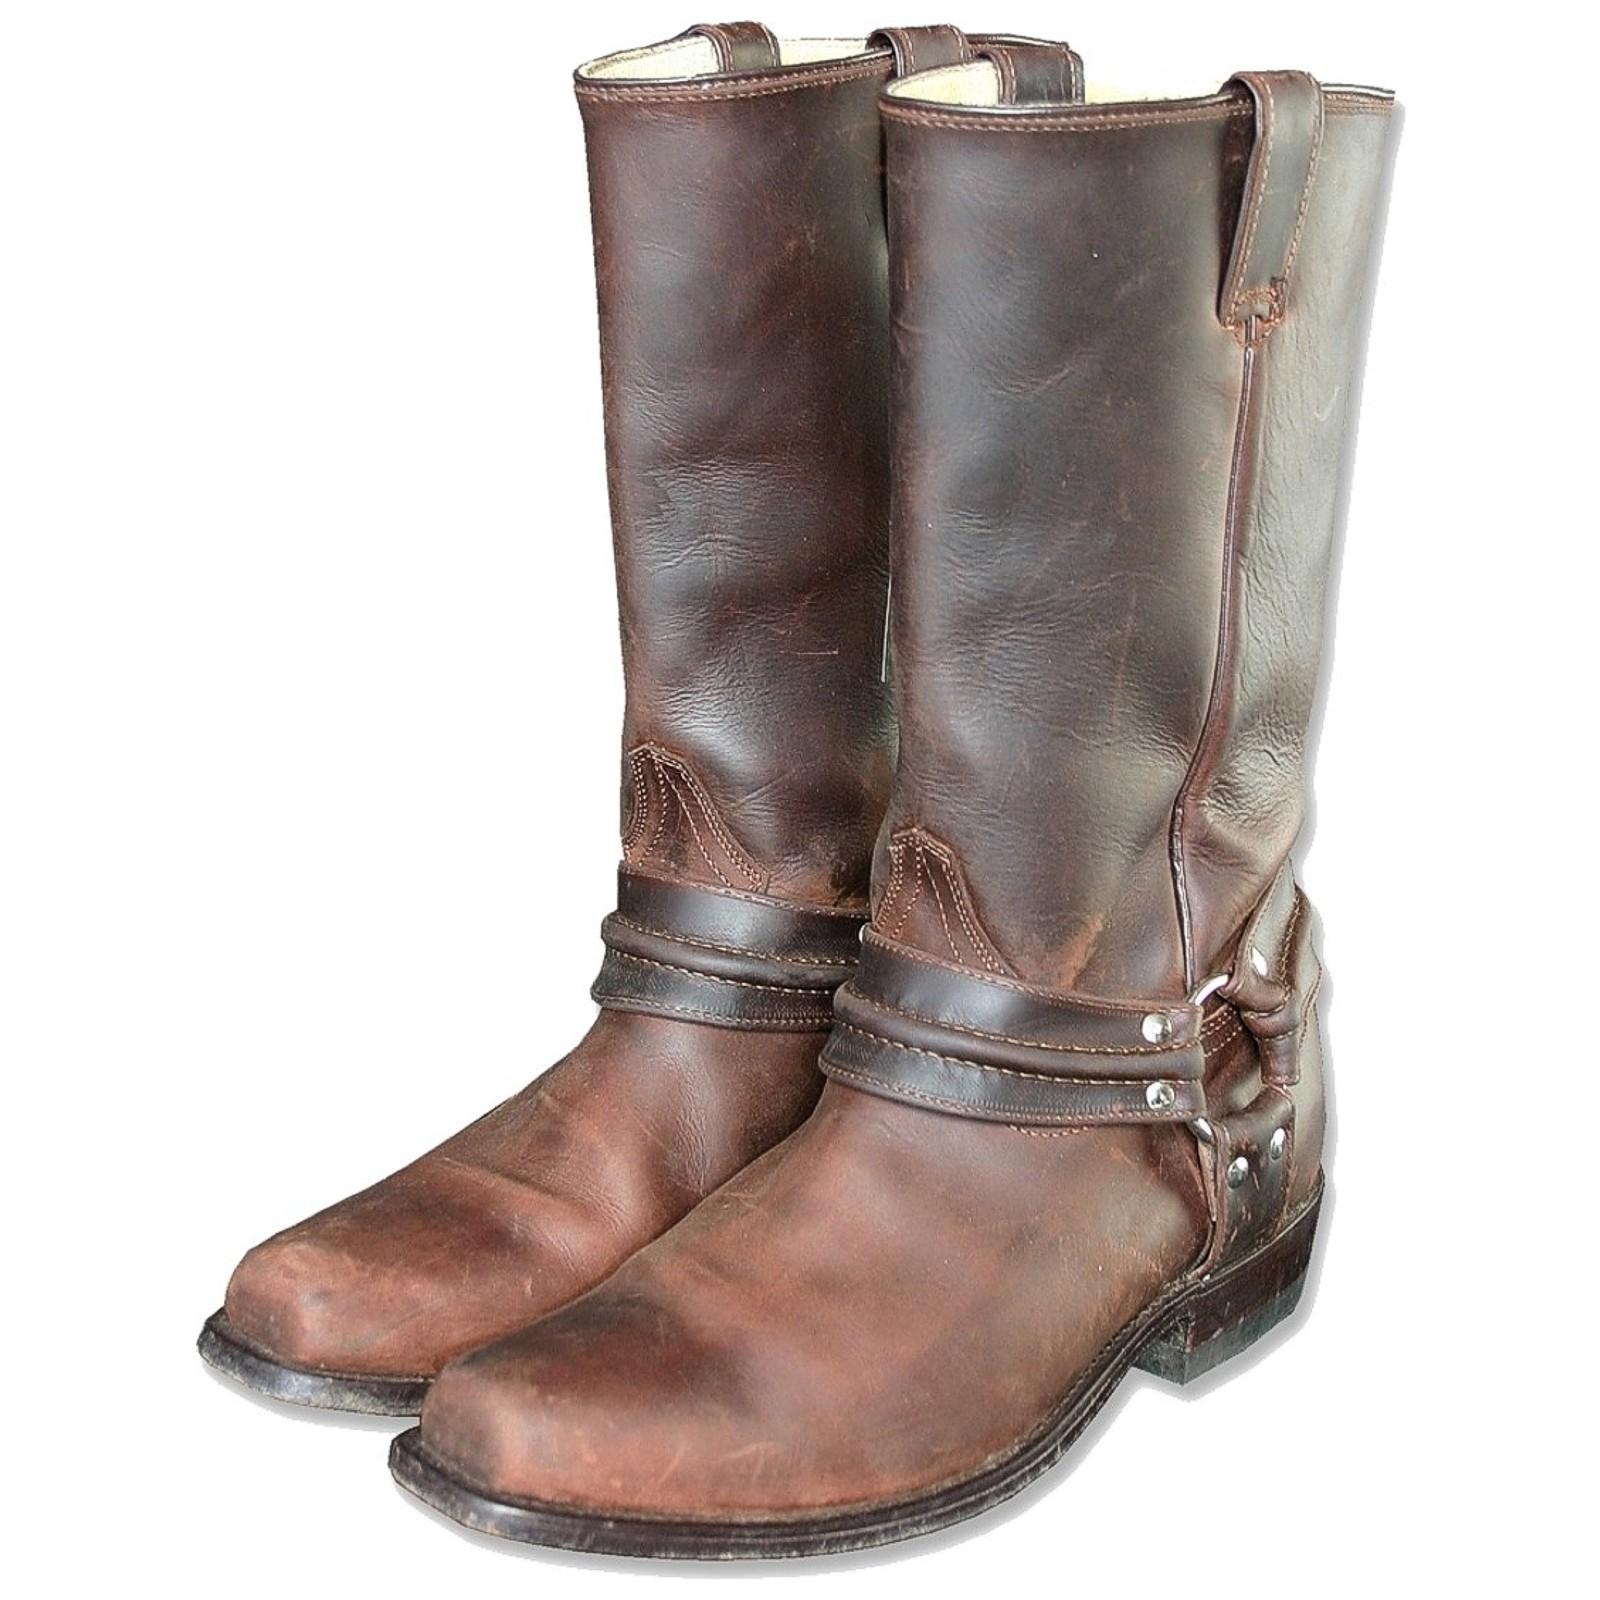 Stars & Stripes Herren Damen Stiefel Western Boots »WB-01« Braun